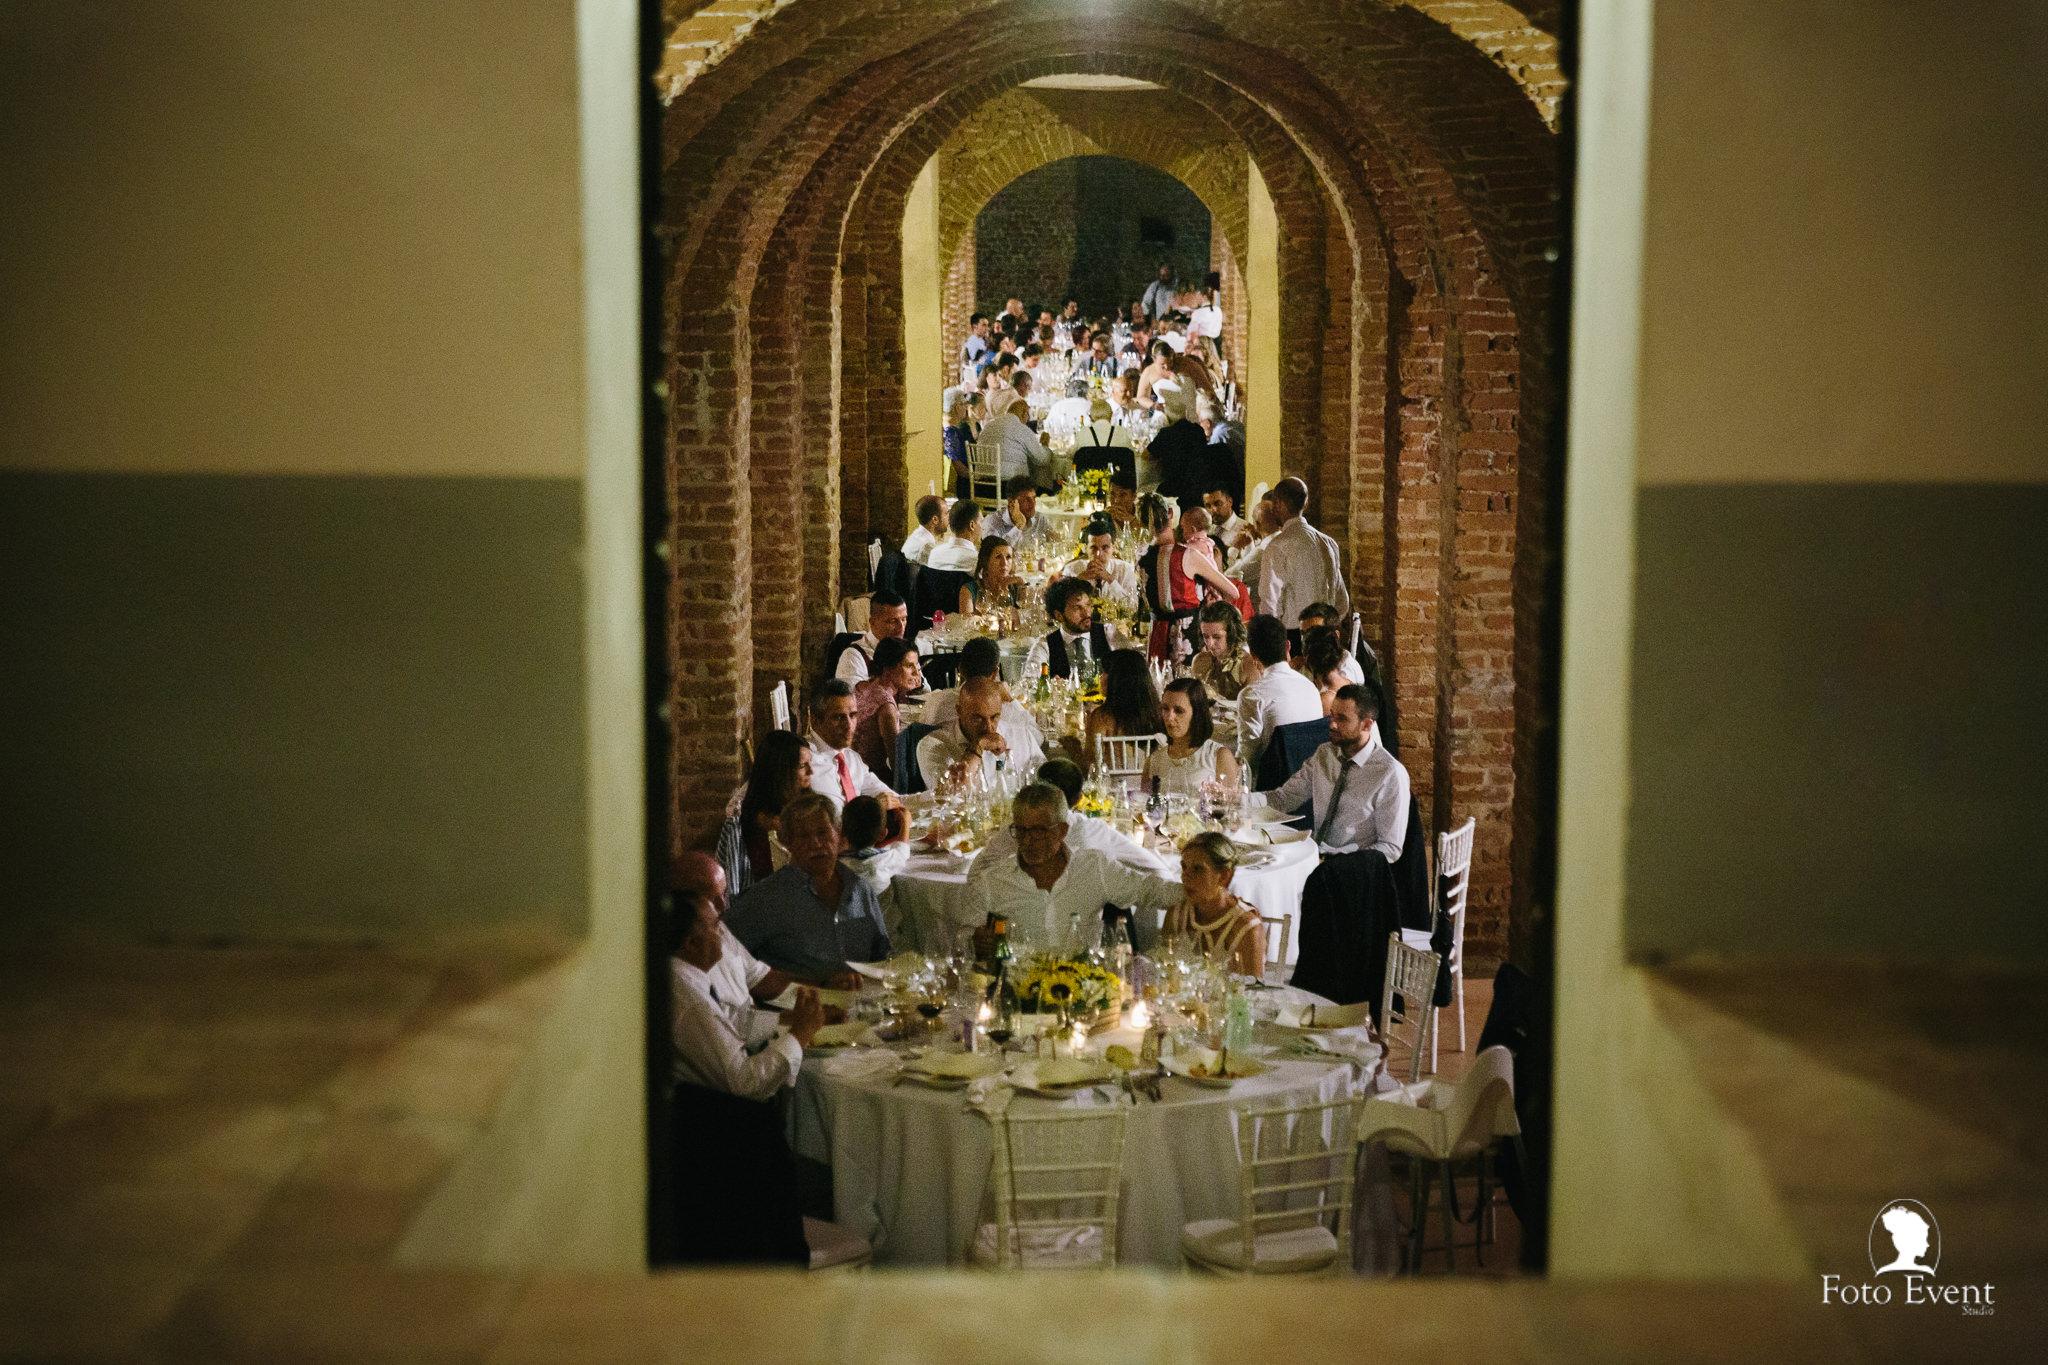 081-2019-07-27-Matrimonio-Valentina-e-Alessandro-Pettinari-5DE-1543